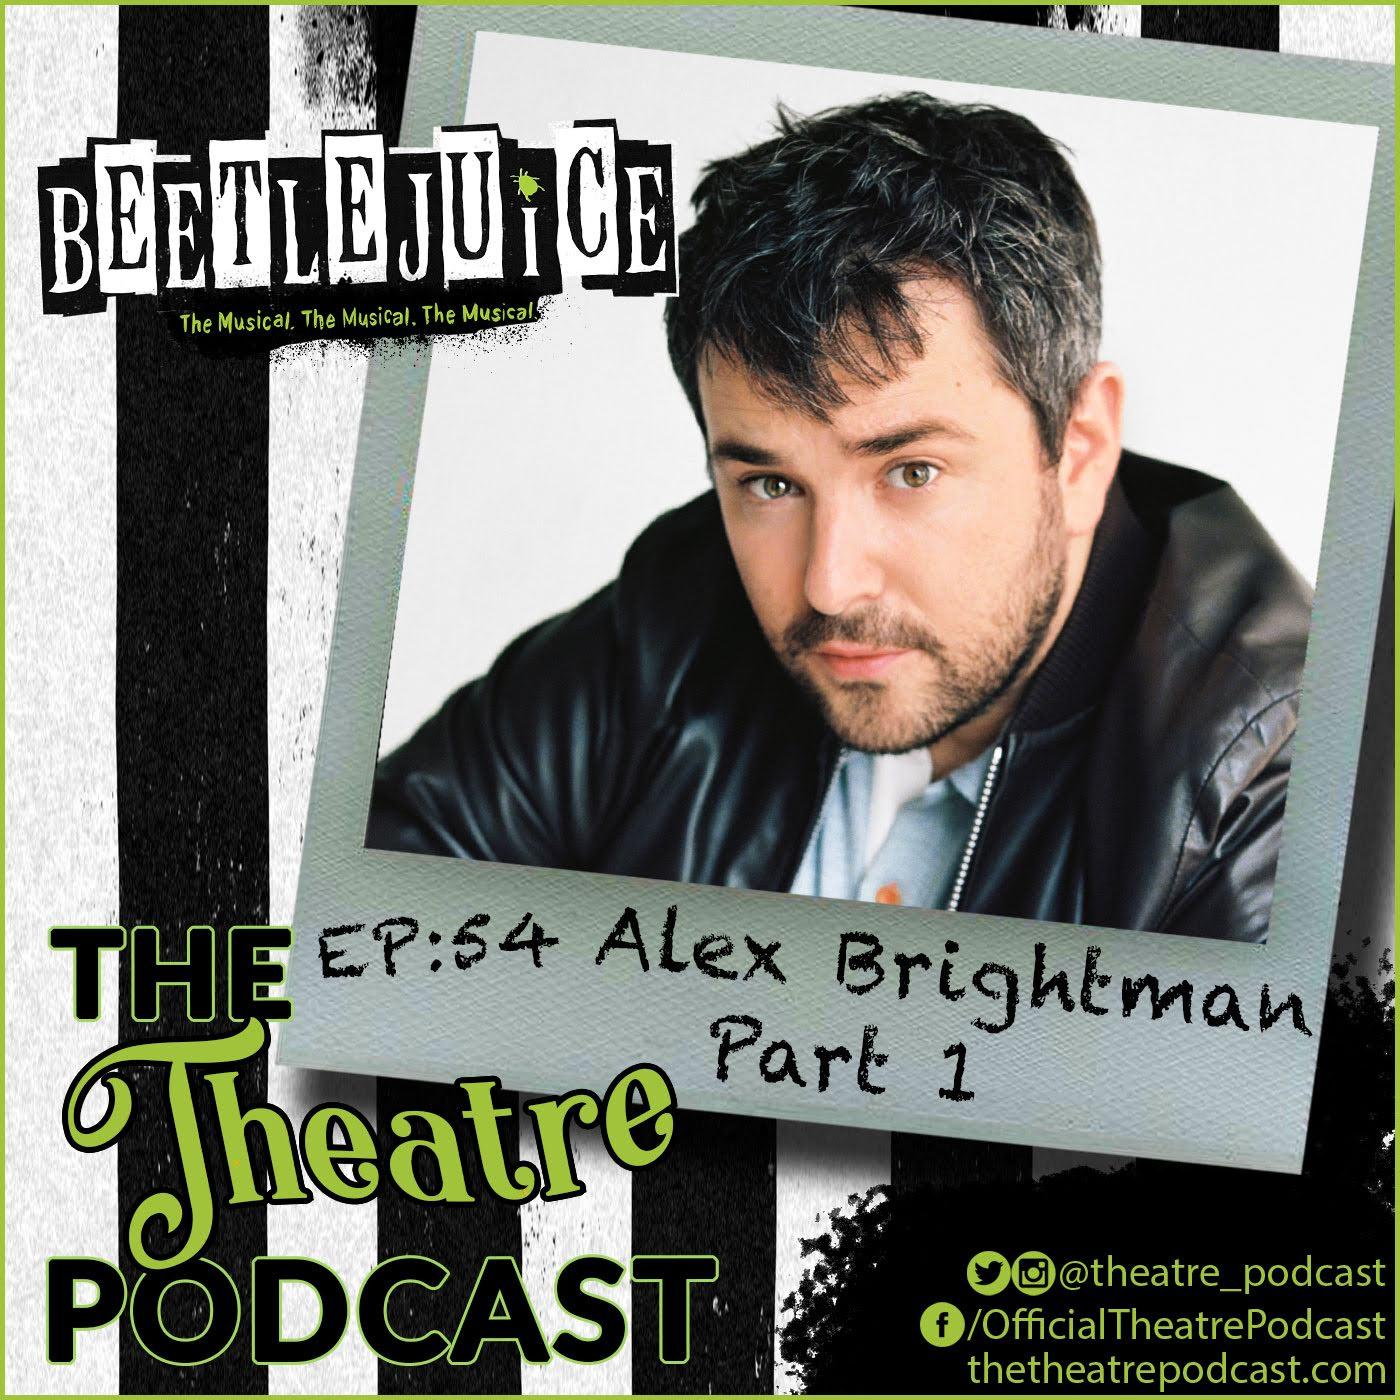 The Theatre Podcast Ep 54 Alex Brightman Pt 1